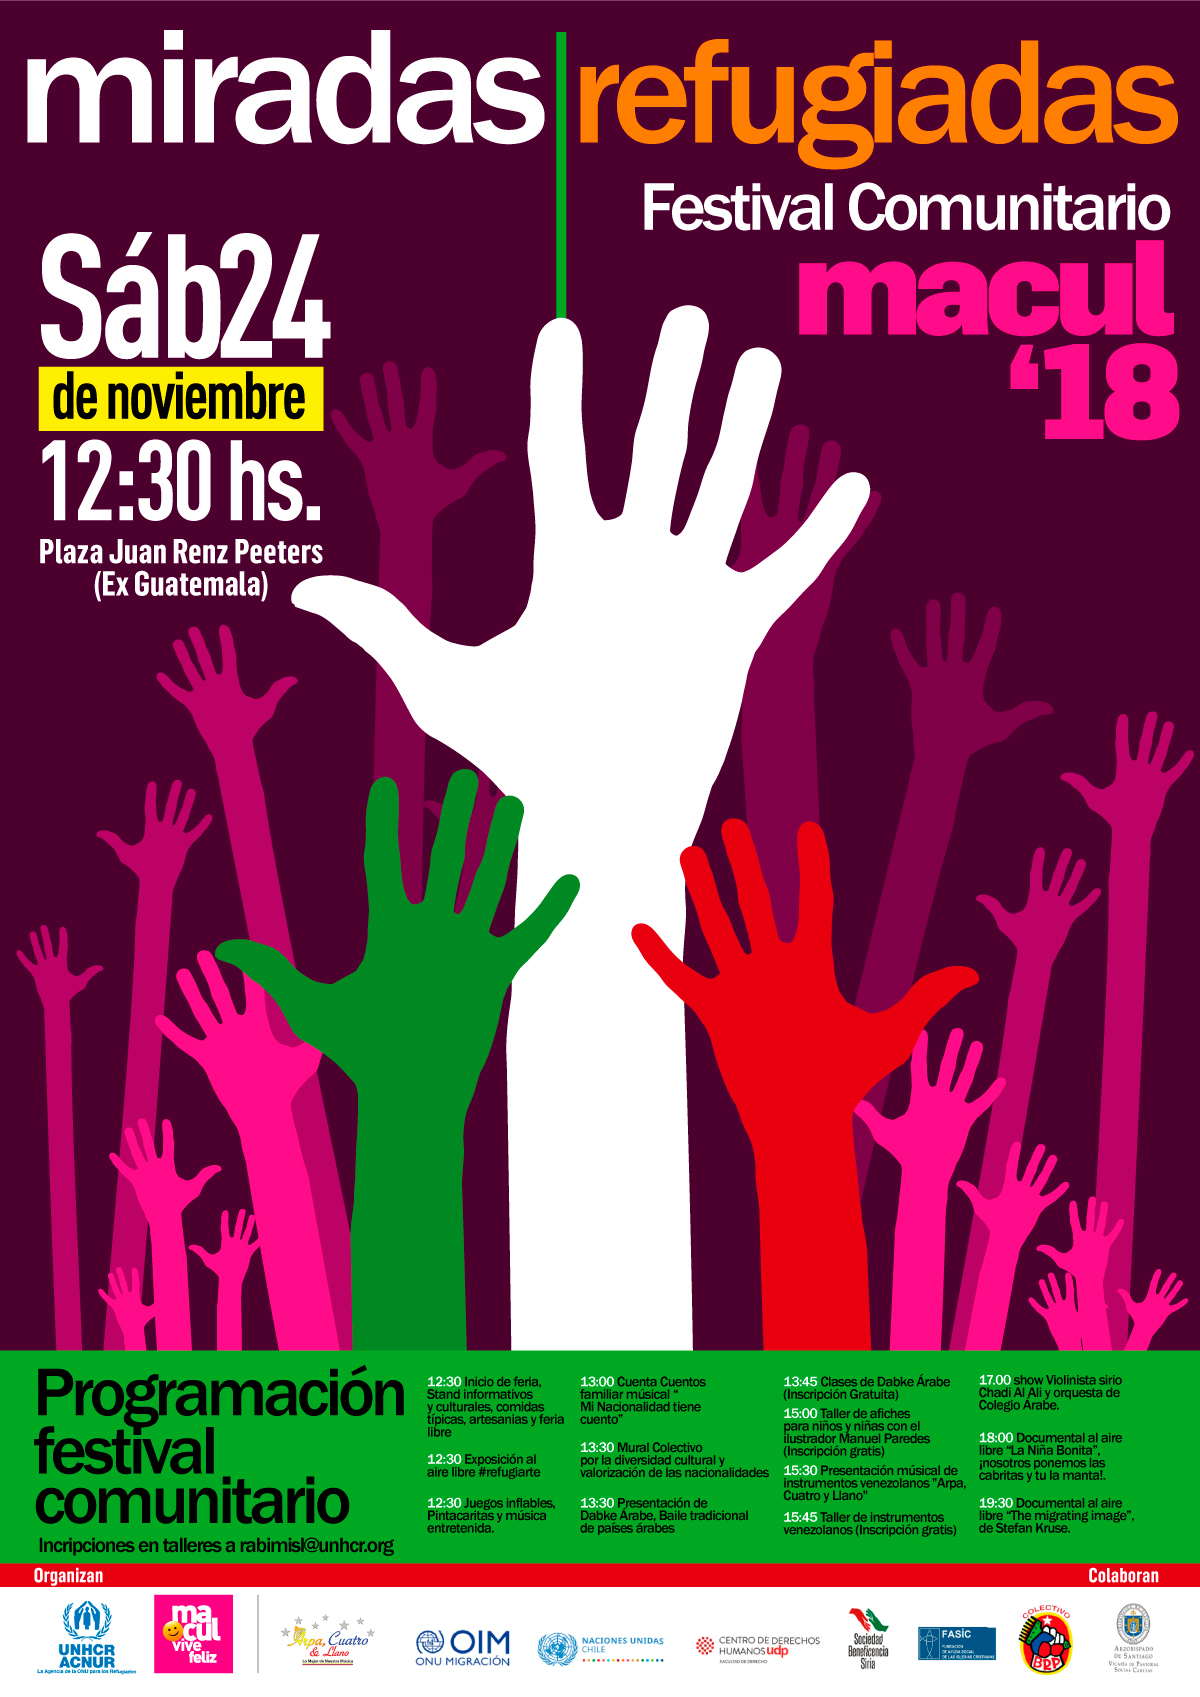 Festival comunitario en Macul celebrará la diversidad y valoración de las culturas